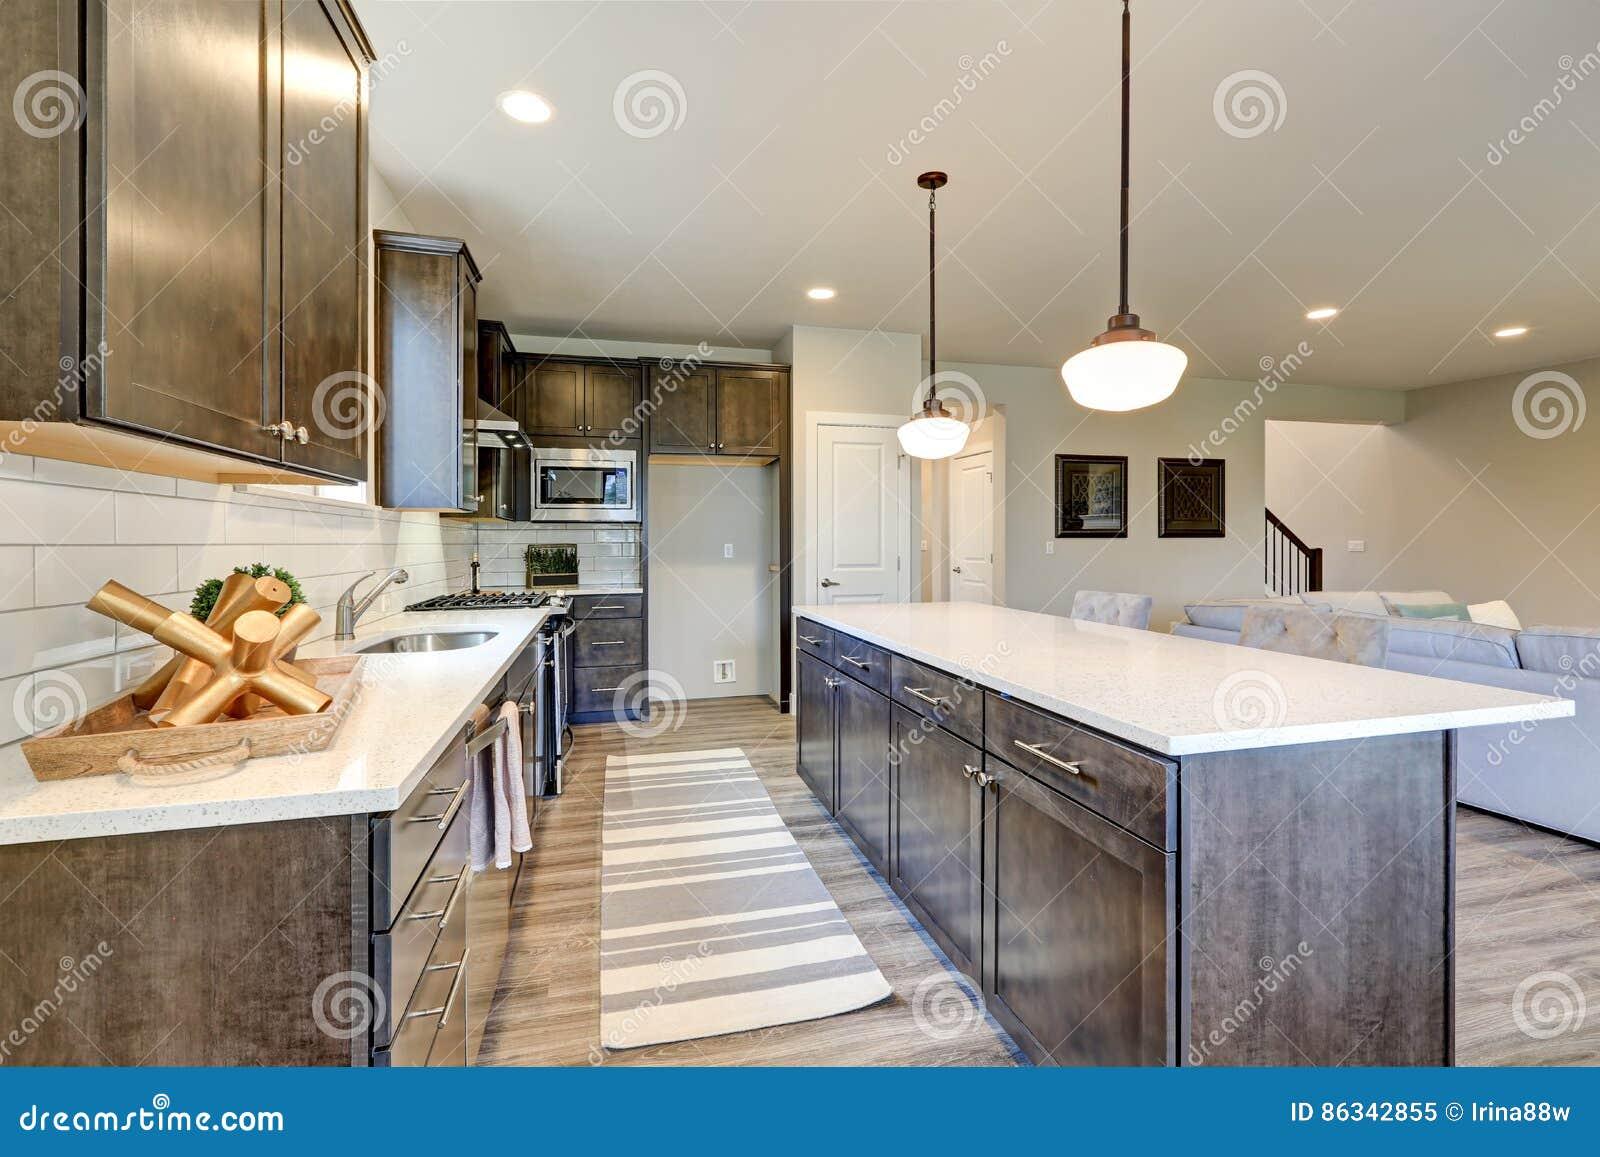 Rühmt Neue Insel Hölzerne Küche Sich Dunkle KabinetteGroße c543RAjLq